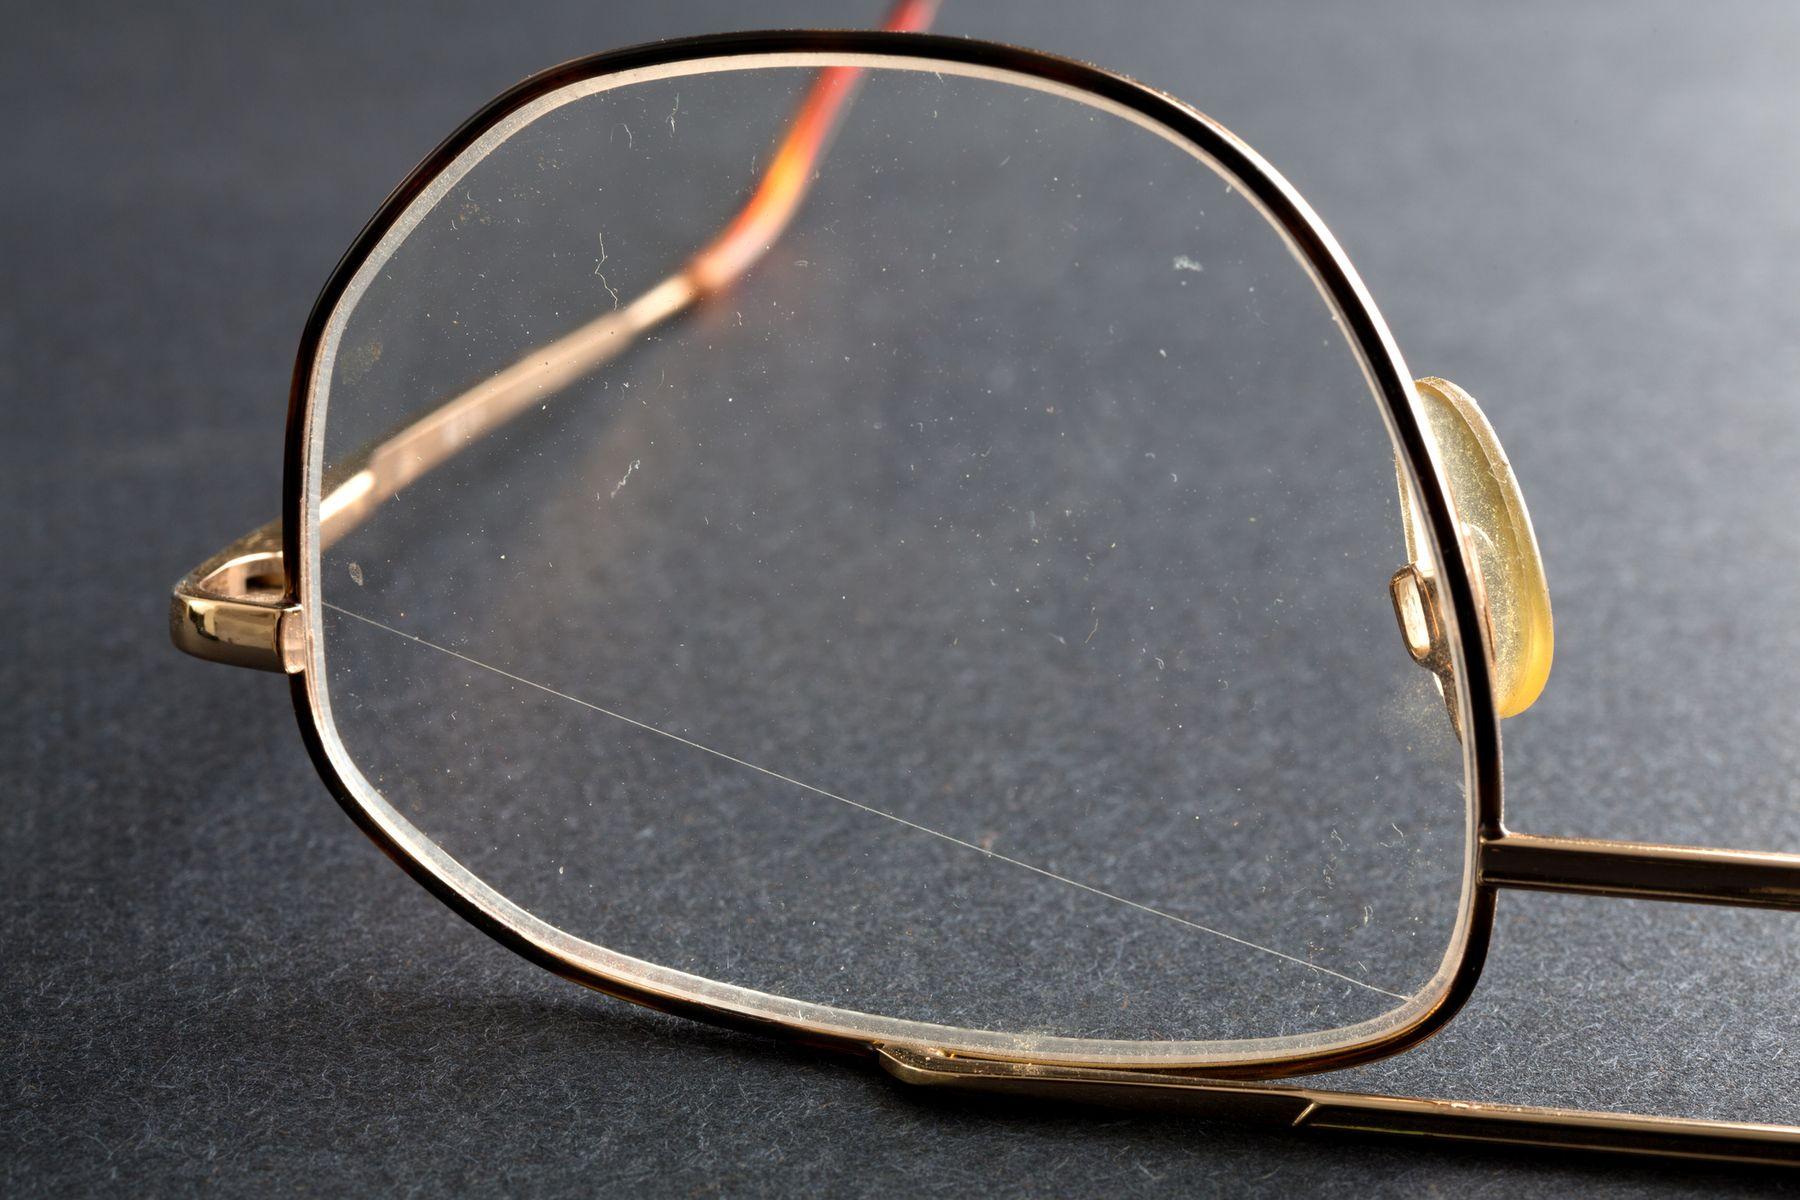 gözlük temizleme suyu nasıl yapılır